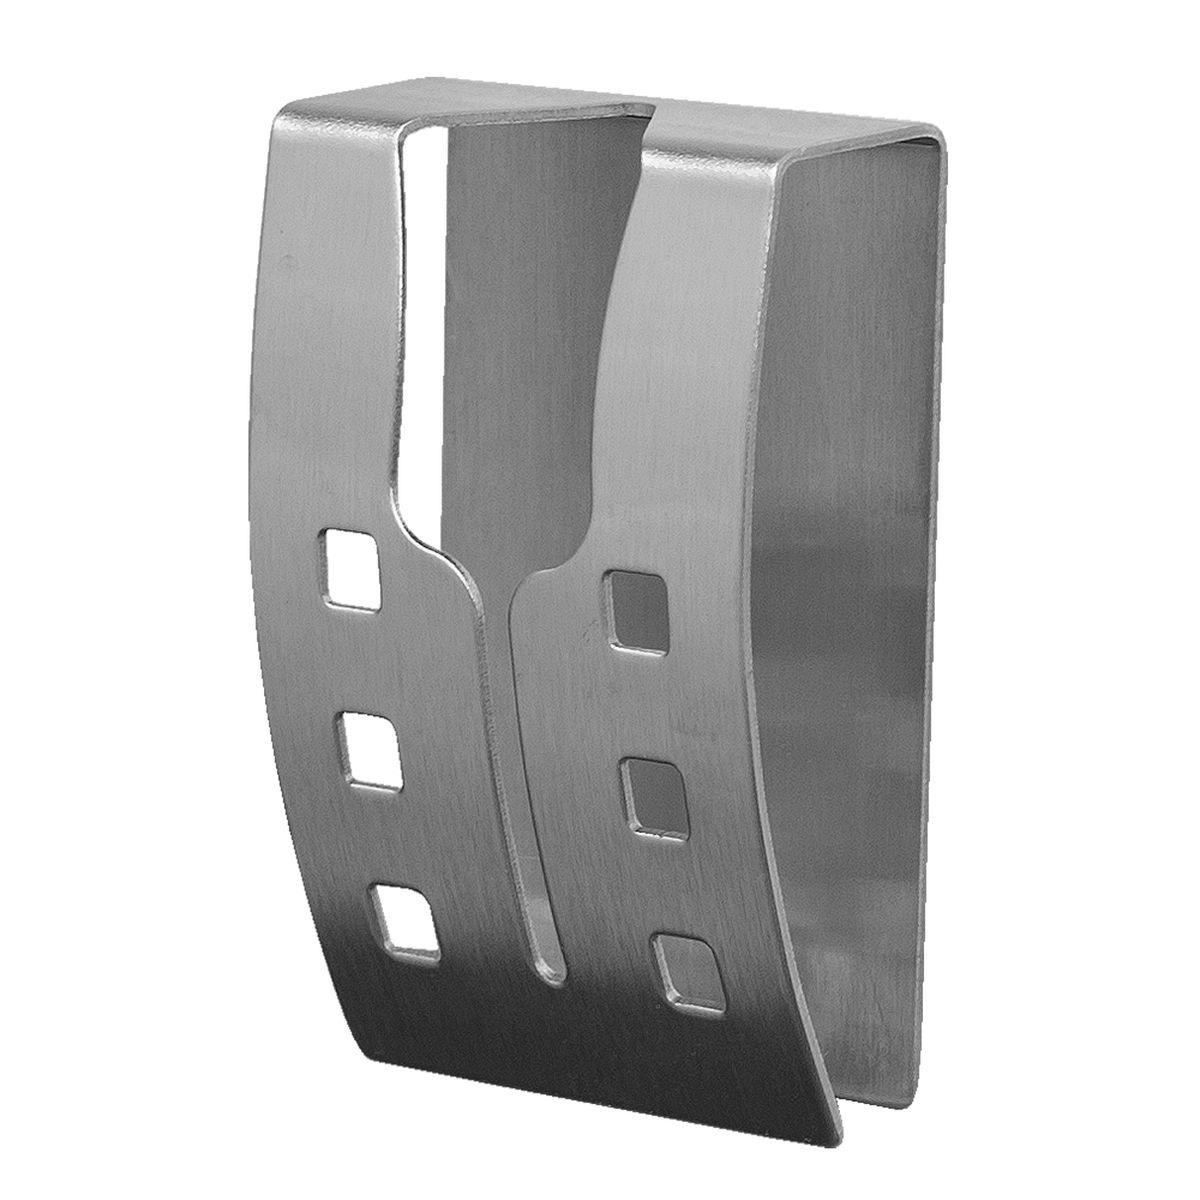 Вешалка самоклеящаяся Tatkraft Emma, для полотенец, 5 х 7,5 х 2 смUP210DFХромированная самоклеящаяся вешалка для полотенец Tatkraft Emma, изготовлена из нержавеющей стали. Вешалка с современным дизайном не боится влаги, и очень легко крепится к стене. Чтобы зафиксировать вешалку, не нужно сверлить дырки, достаточно снять защитный слой и прочно прижать вешалку к стене. Крепкая, оригинальная вешалка выдерживает вес до 5 кг.Размер вешалки: 5 см х 7,5 см х 2 см.Максимальная нагрузка: 5 кг.